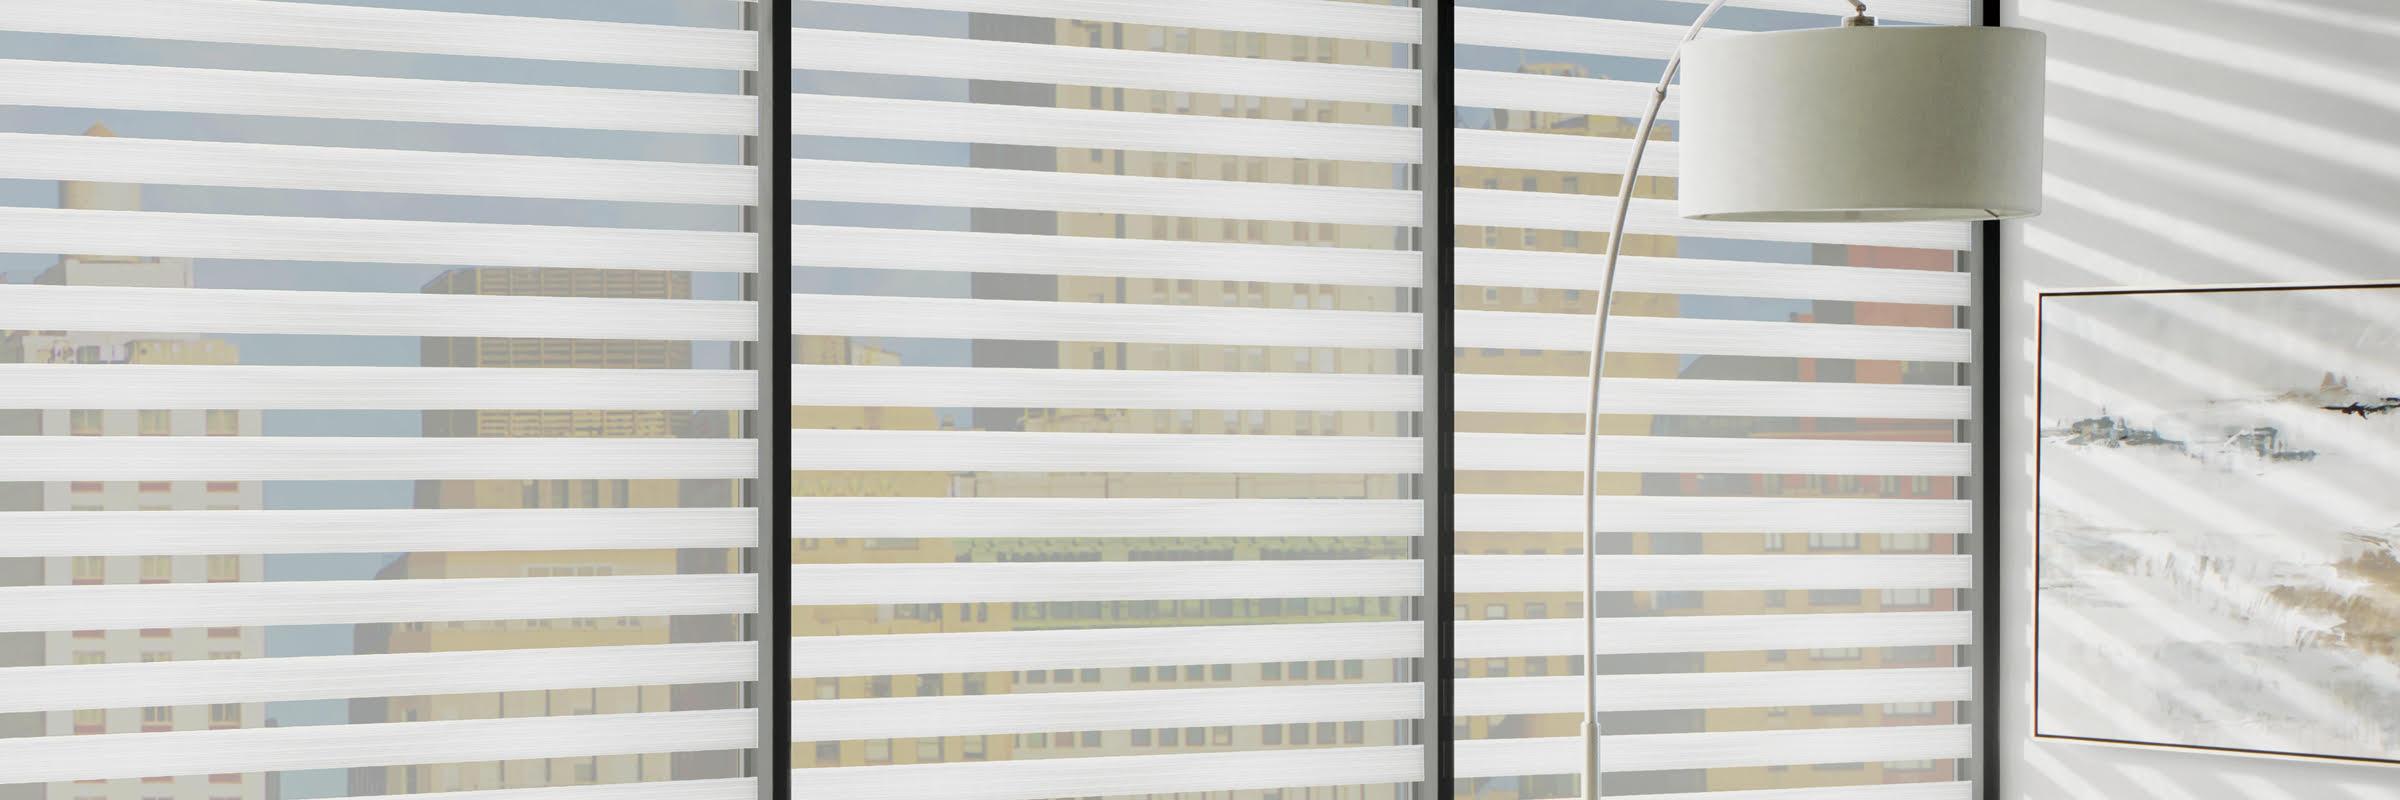 banded-sheer-shades-designer-banded-shades-carousel-02_0